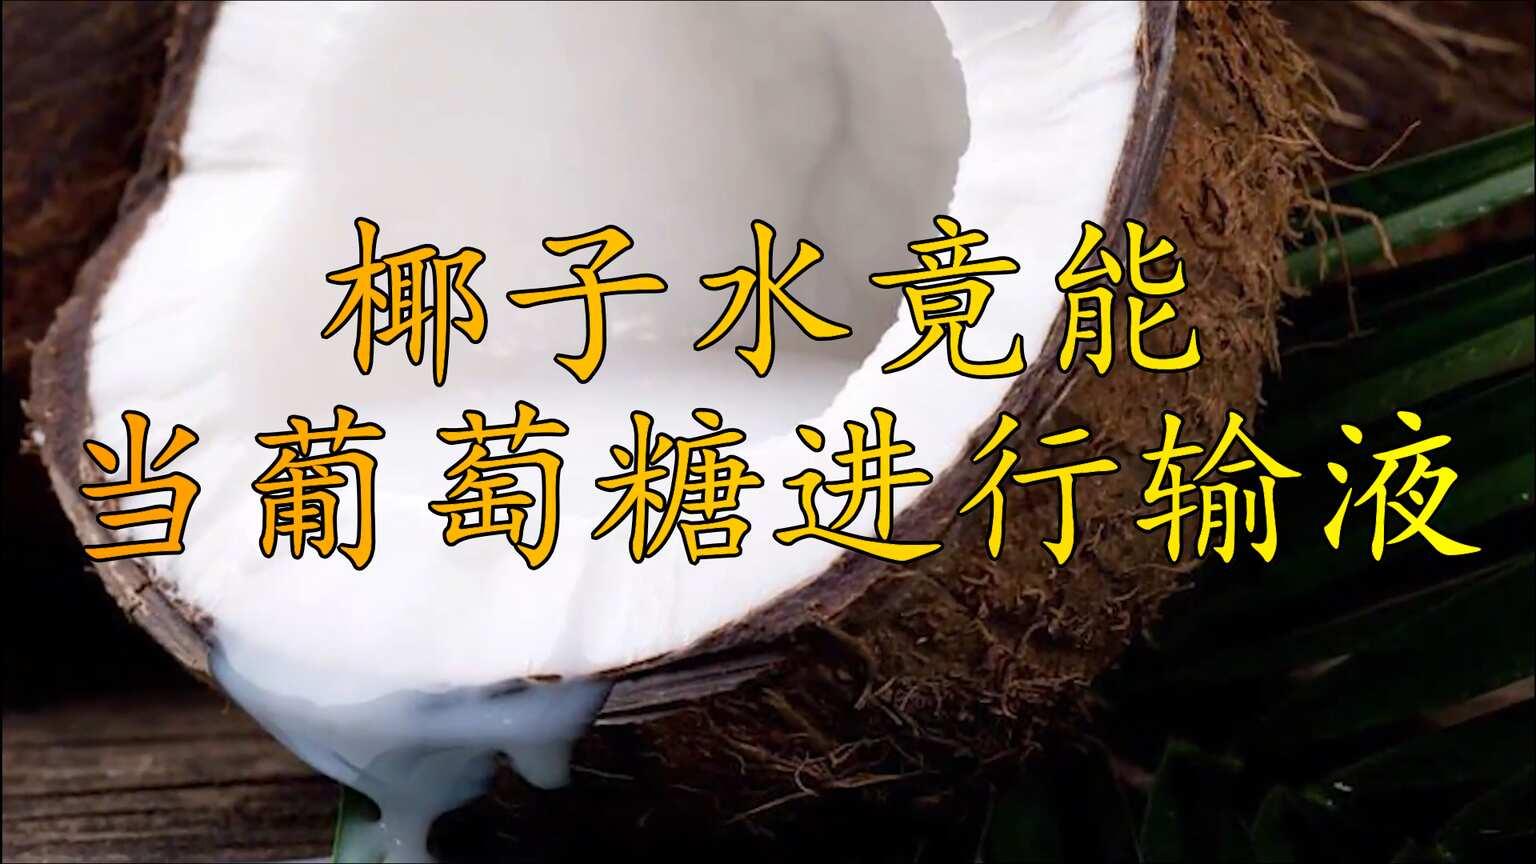 成龙电影取景于现实,椰子水竟然能当葡萄糖进行输液